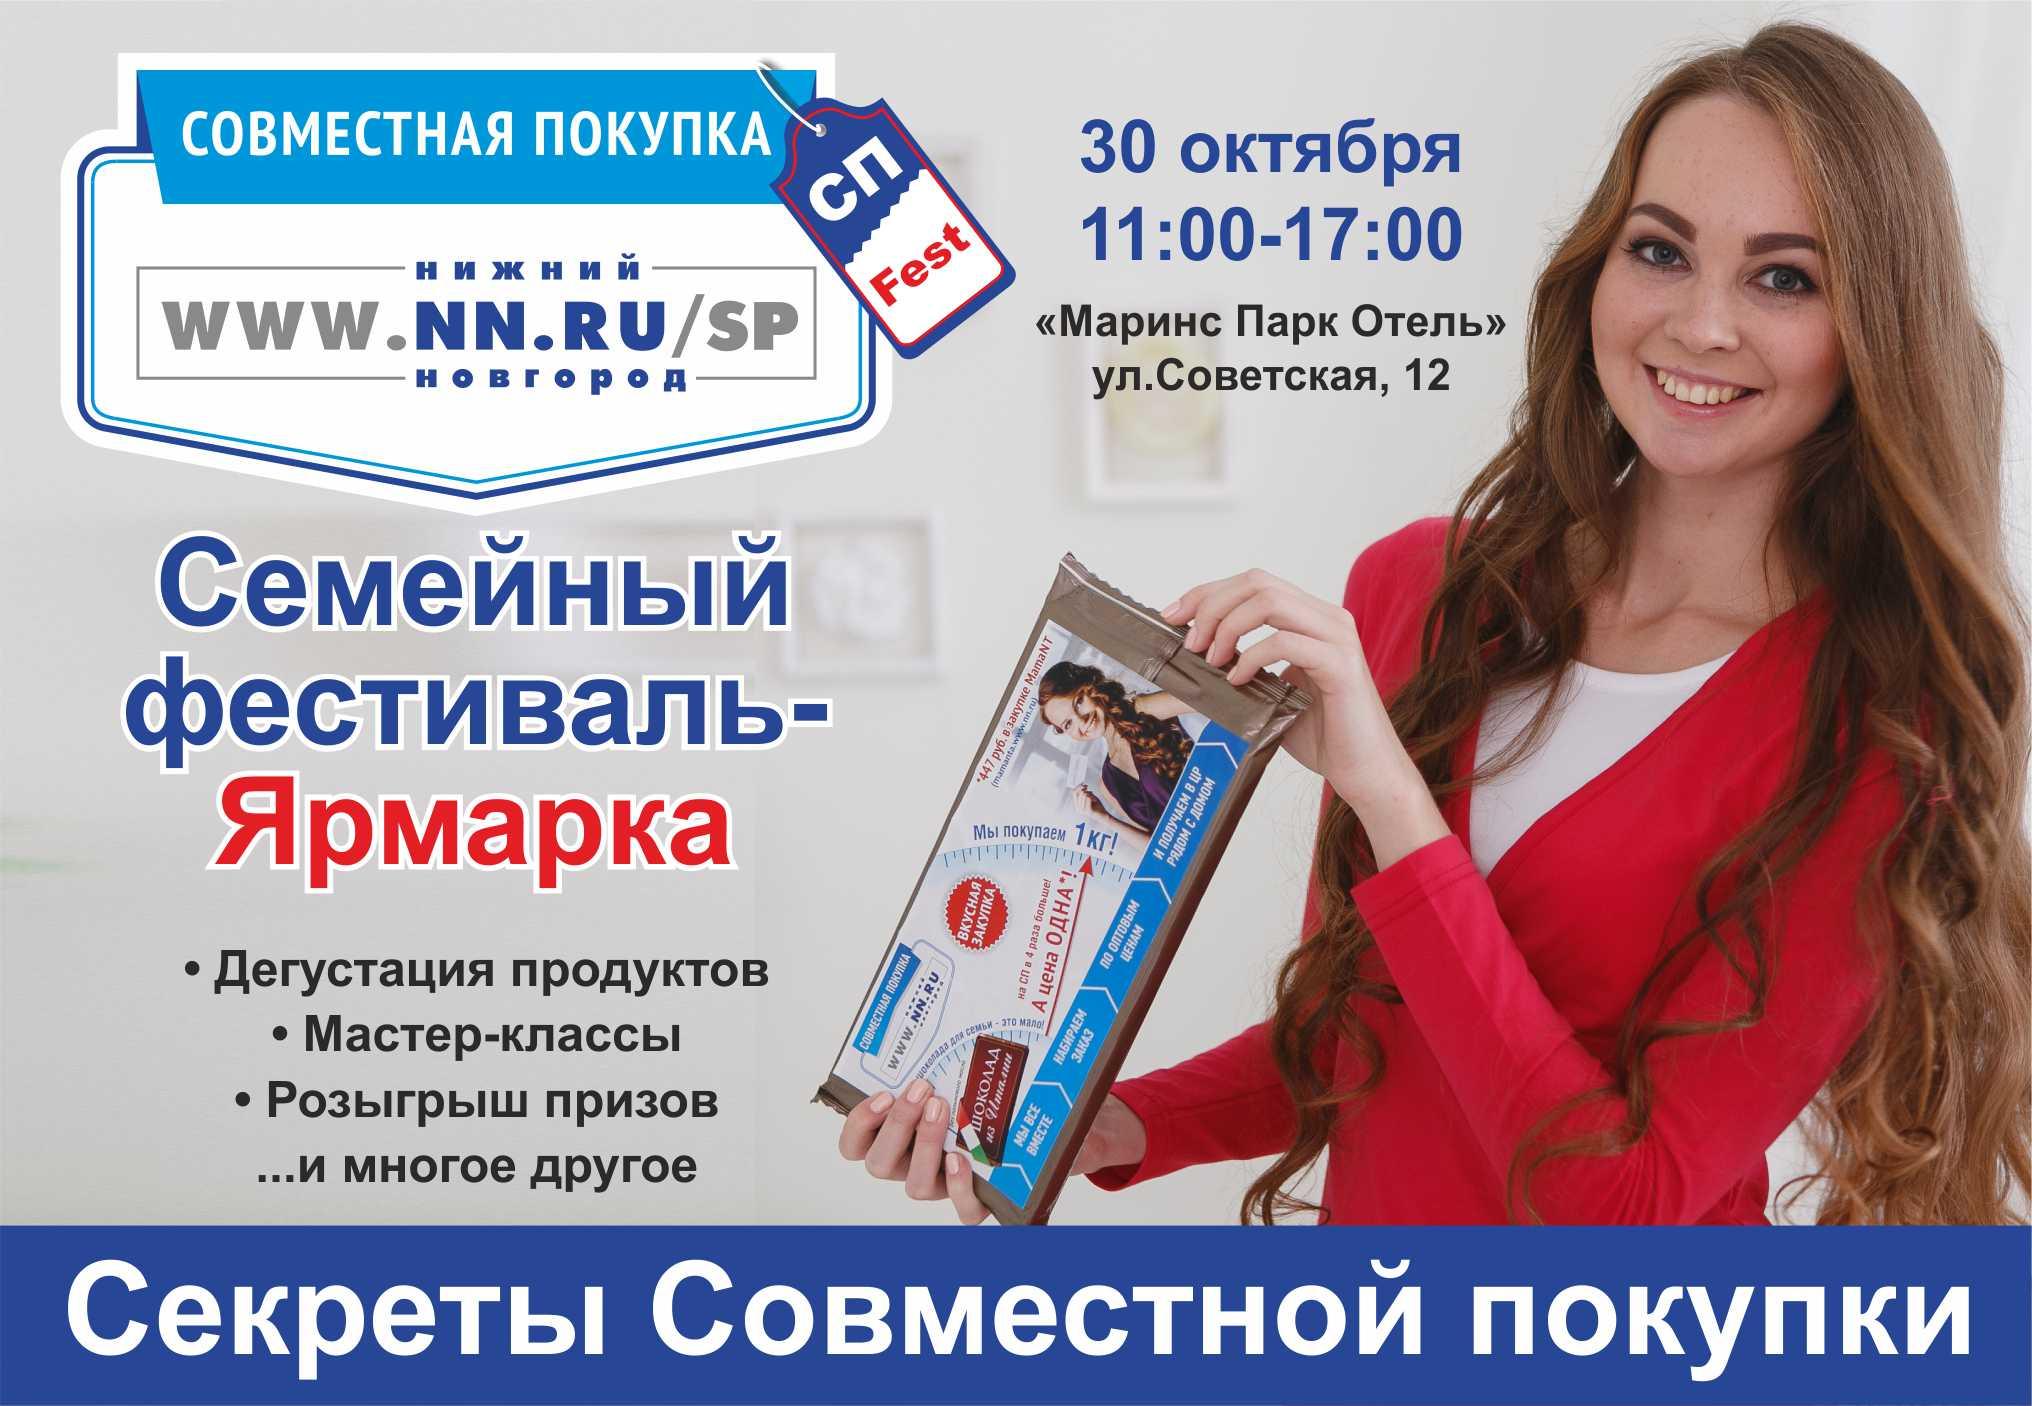 Давайте встретимся на СП-Фесте! 30 октября с 11.00 до 17.00 часов в Маринс Парк Отель, ул.Советская, д.12